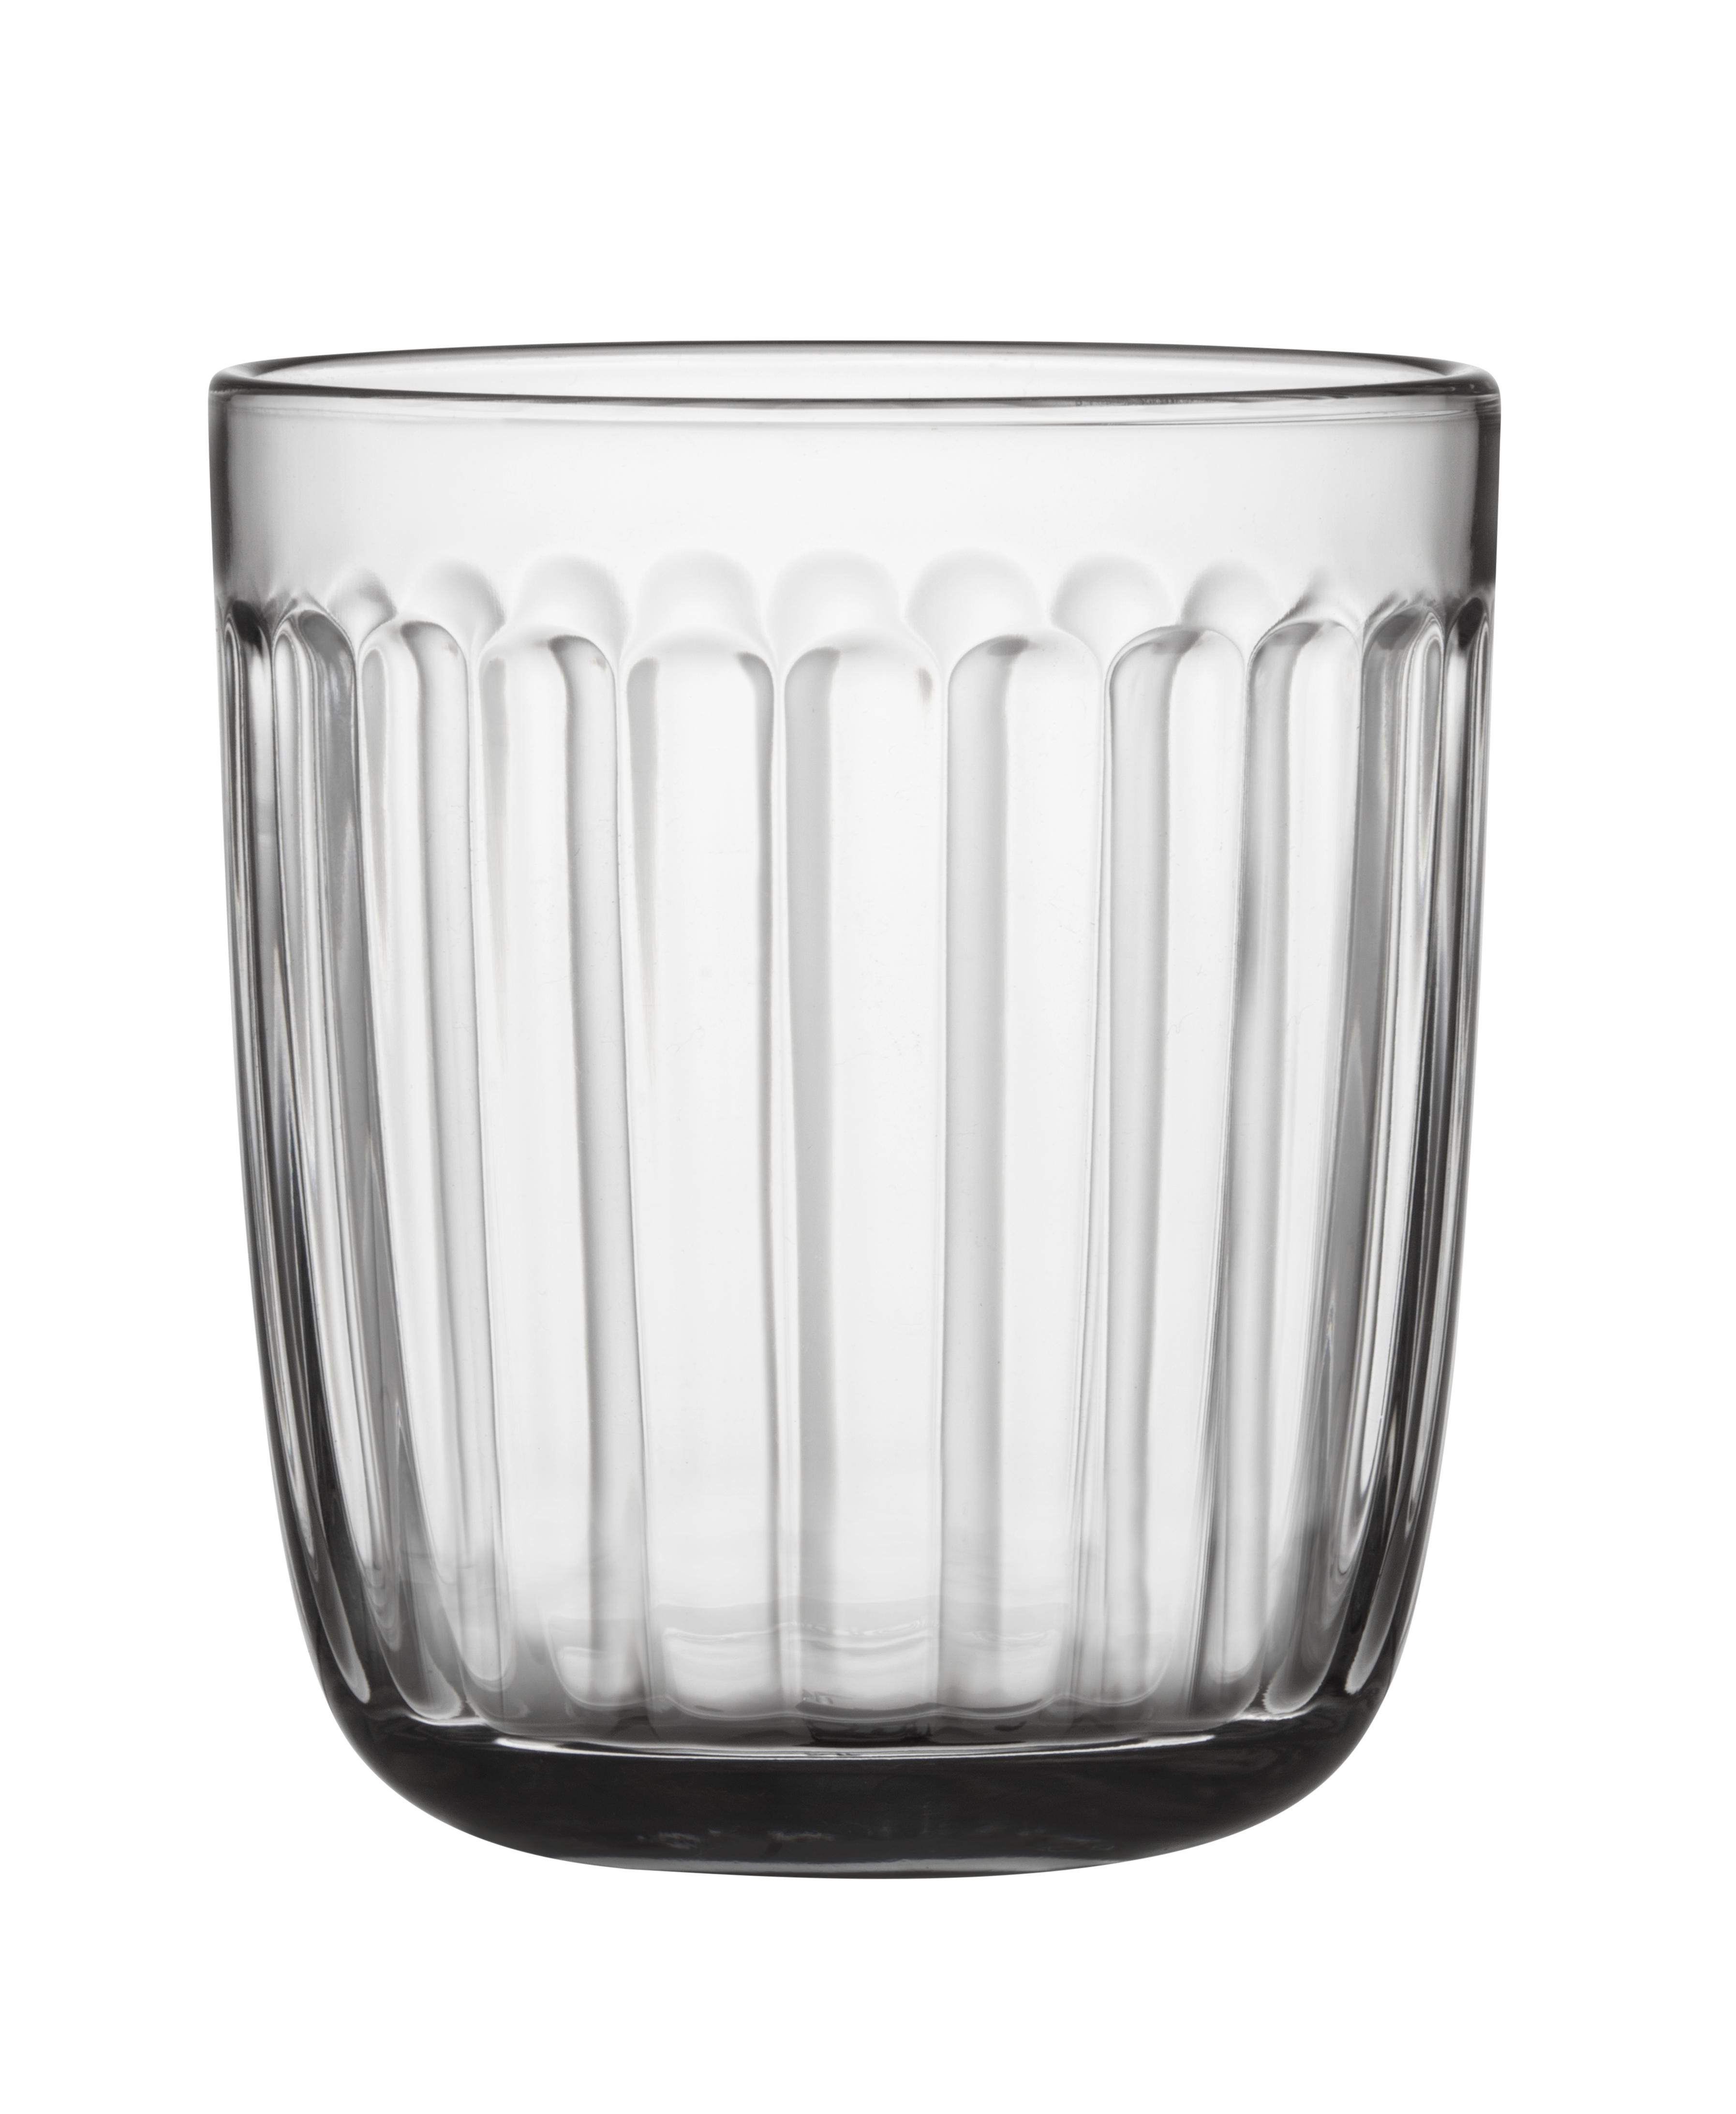 Iittala Raami glas, 260 ml, klar, 2 stk